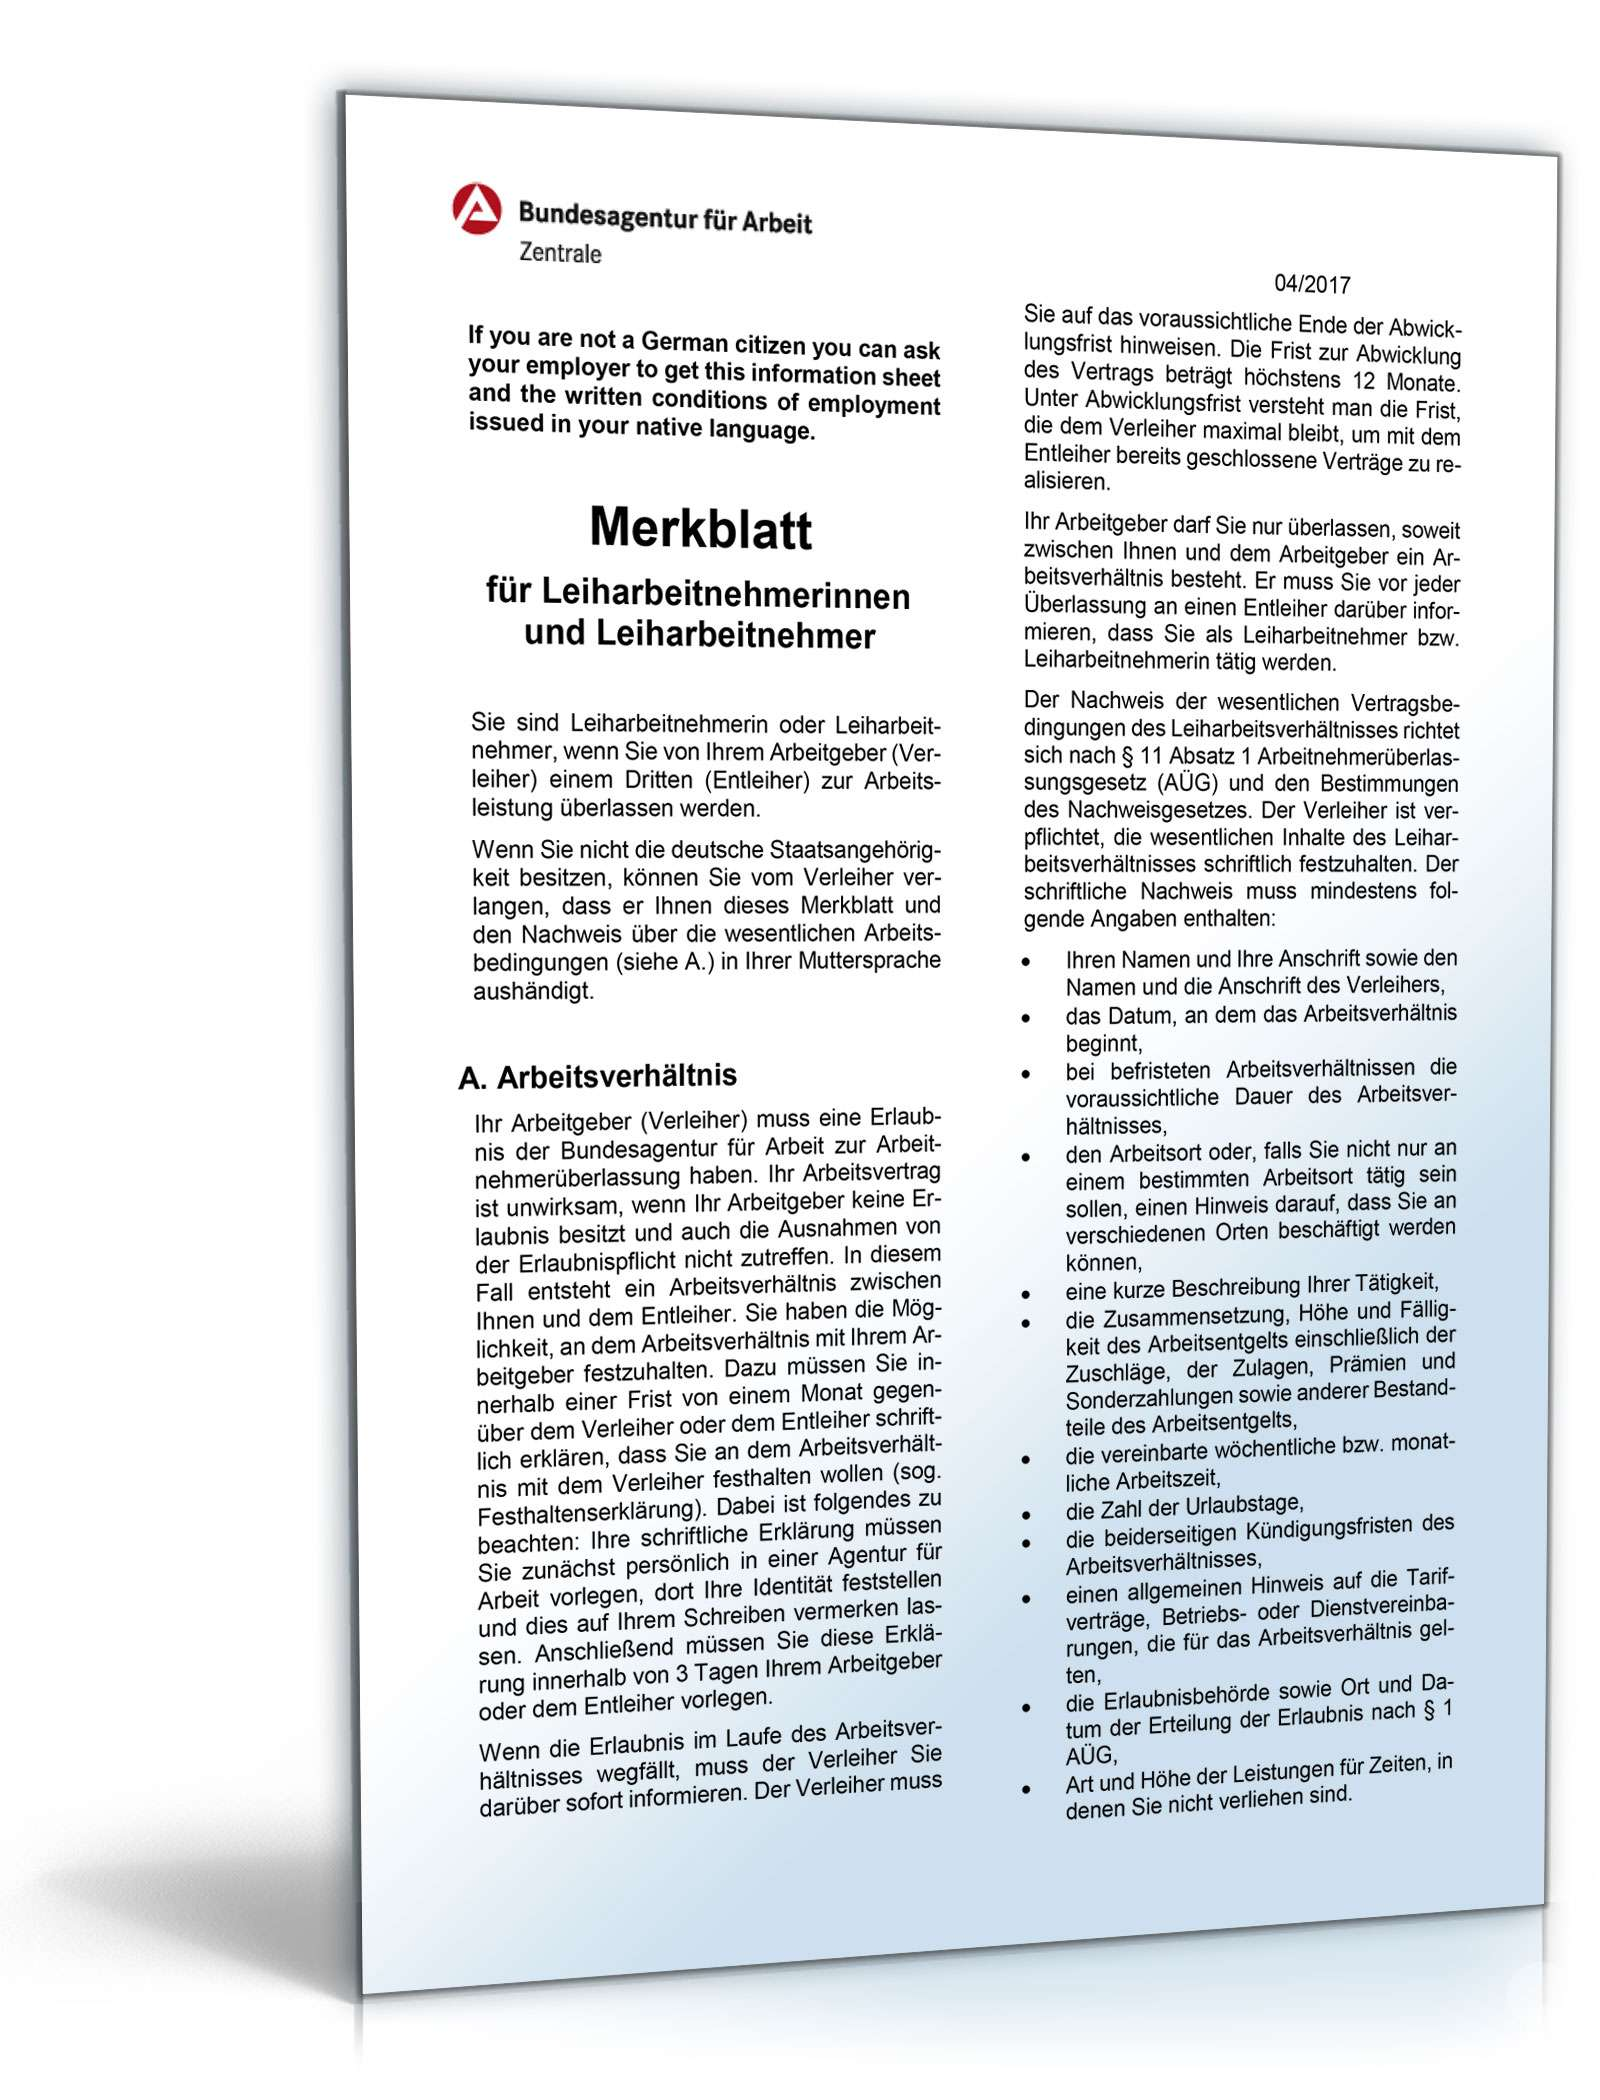 Merkblatt Für Leiharbeitnehmer Formular Zum Download